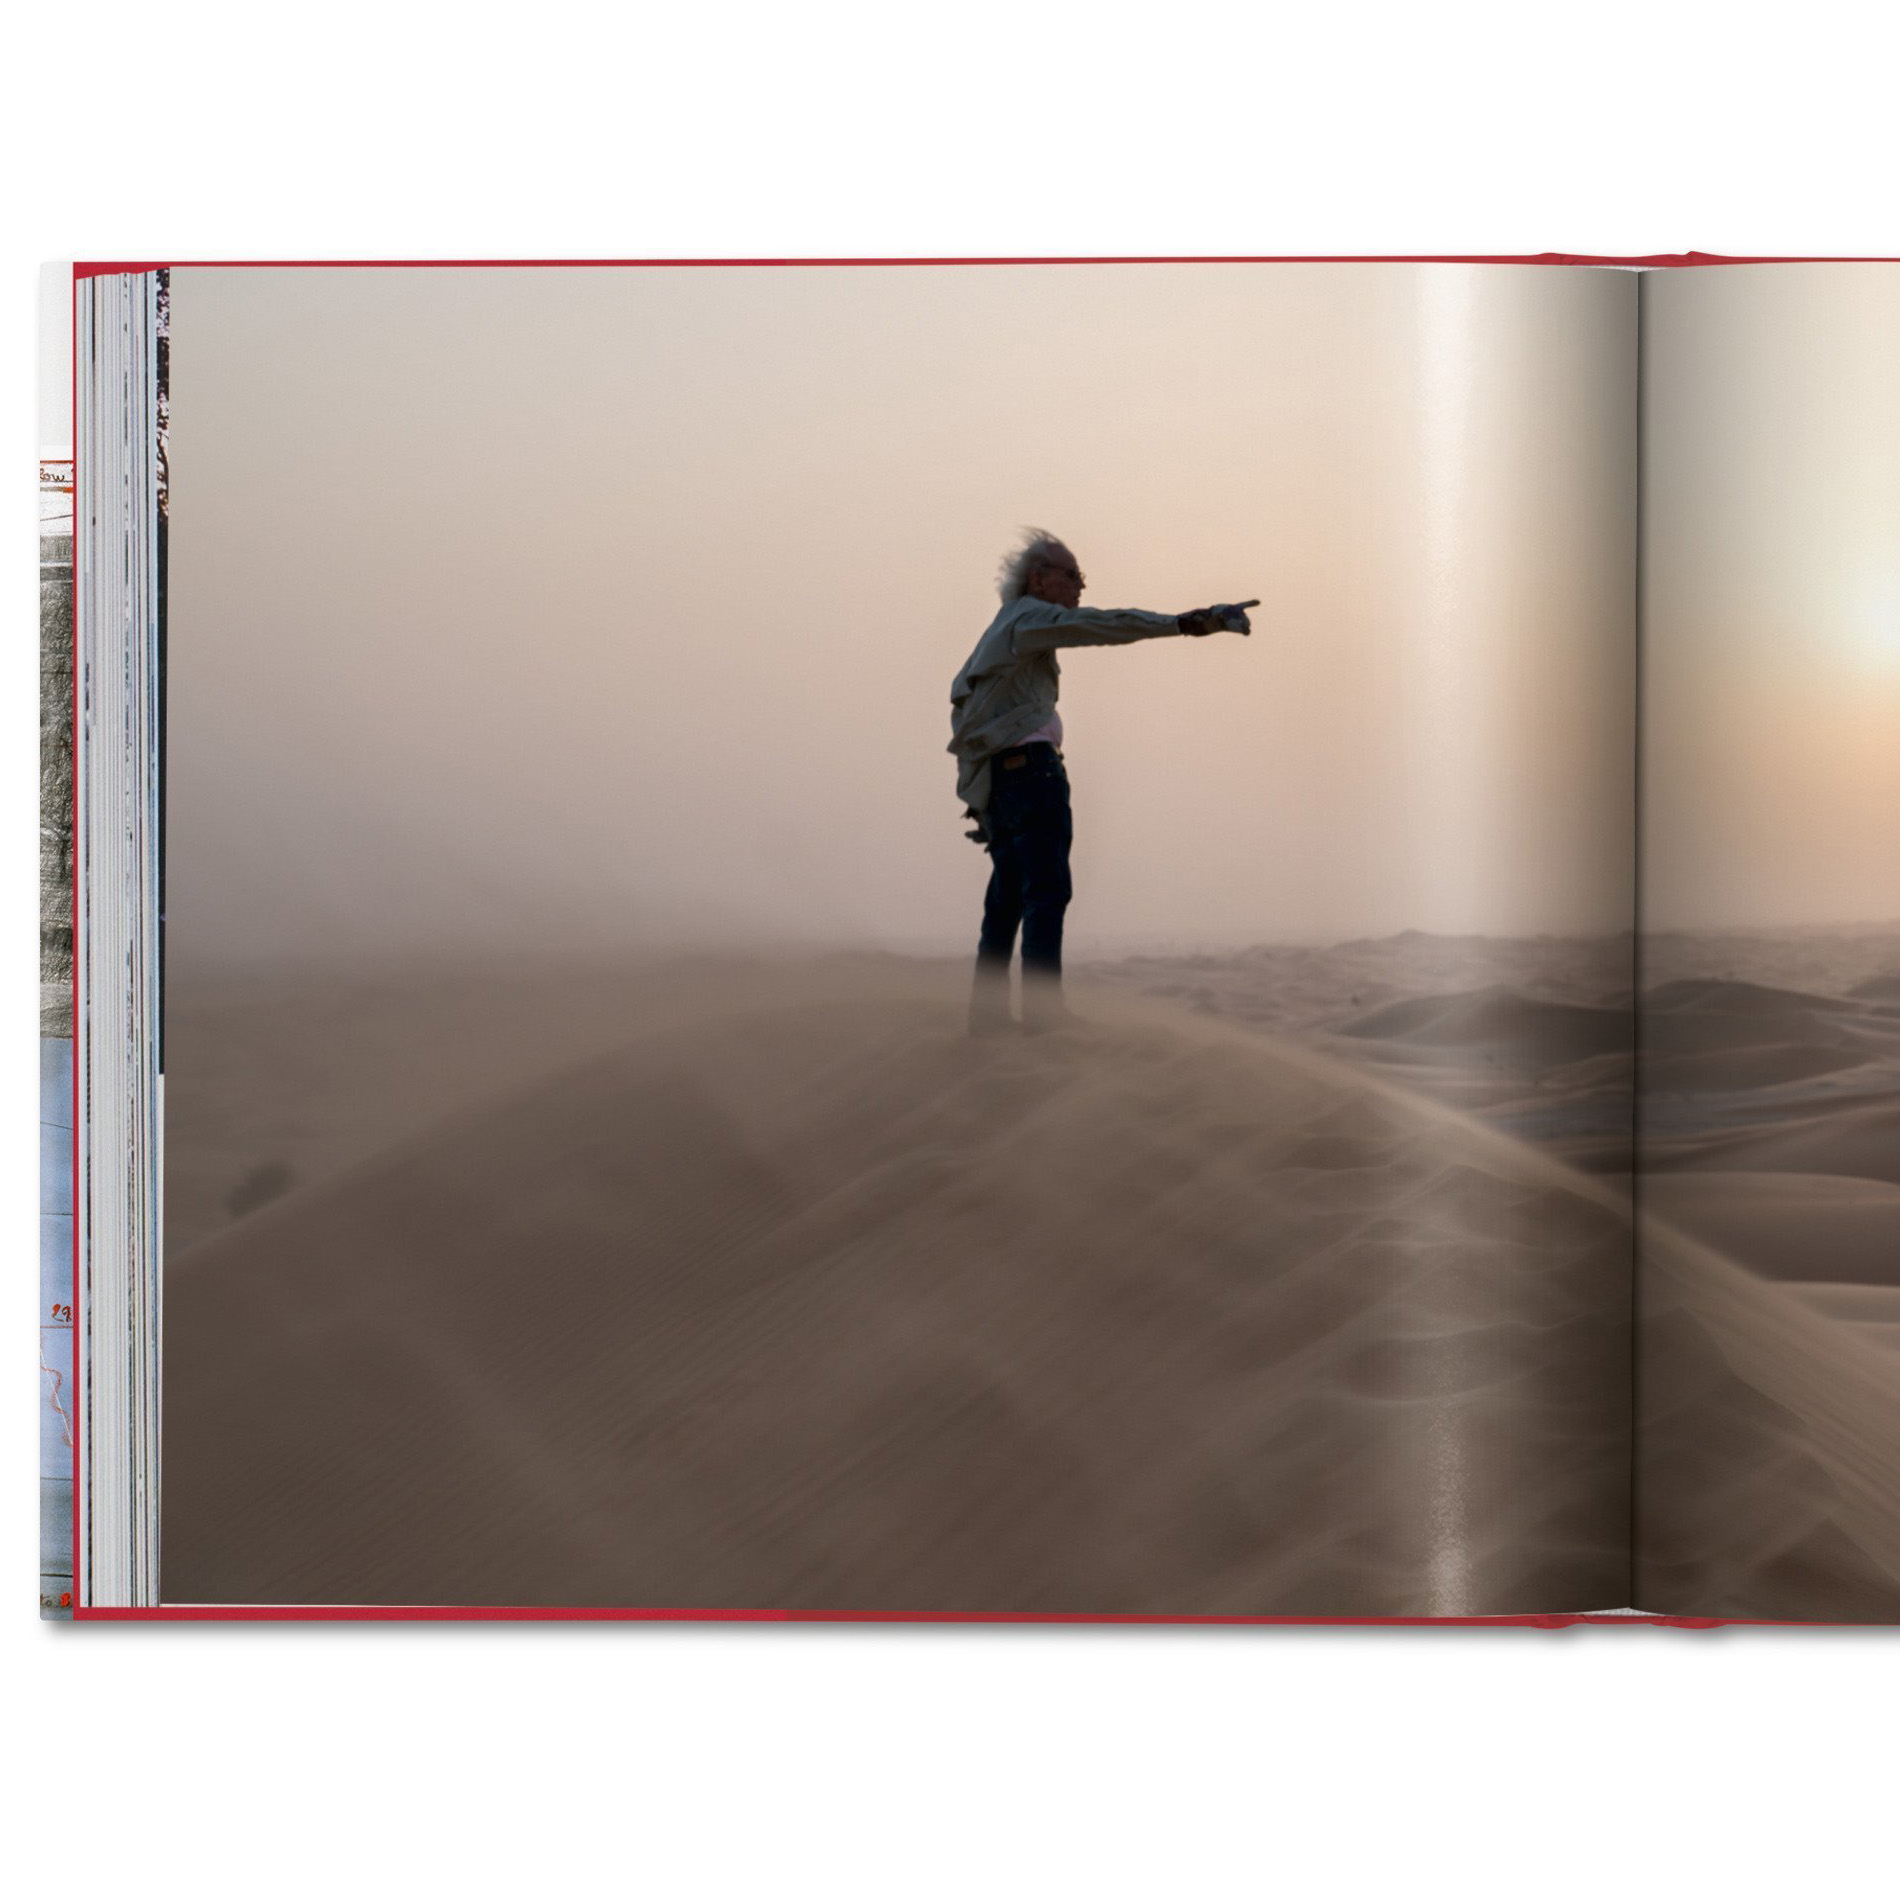 Christo signiert seine Bücher verhüllter Reichstag, Floating Piers und Barrels and The Mastaba in Berlin, TASCHEN Bücher, Bücher vom TASCHEN Verlag, Kunstler, Installation, Kunst, Art, Event Tipp